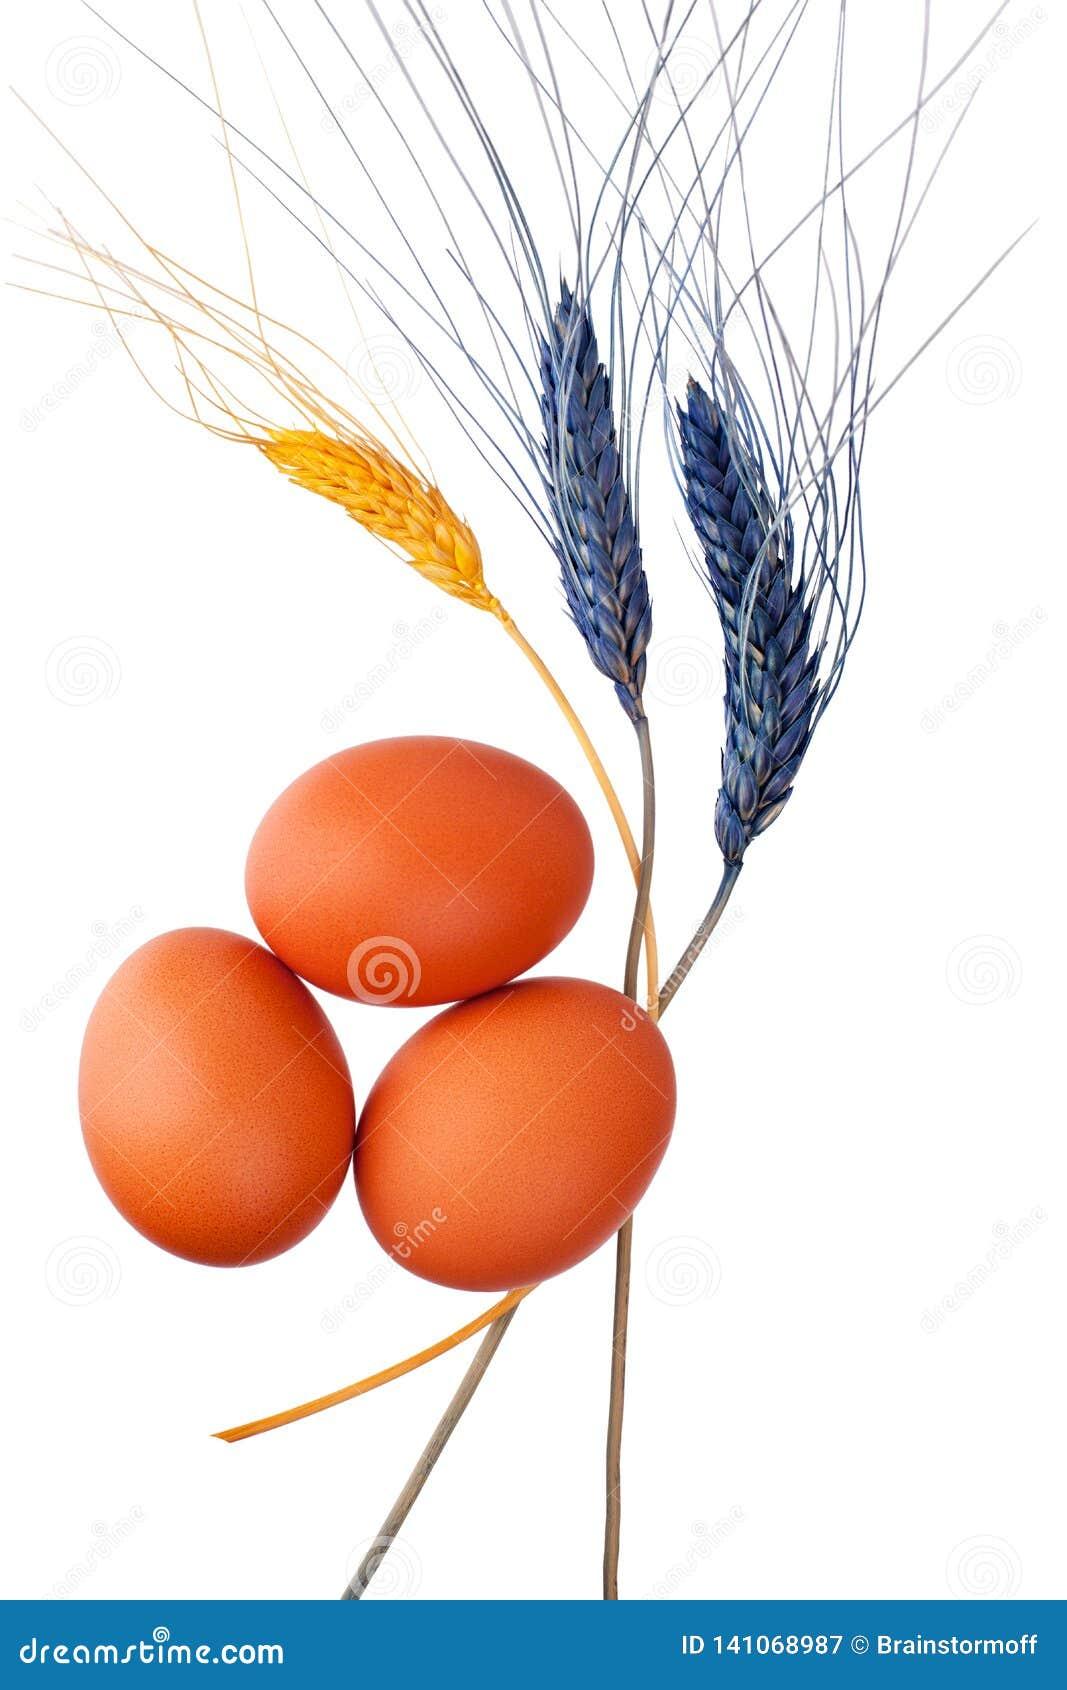 Drei braun oder rote Eier und Hintergrund der dekorativen Weizenähren weißer lokalisiert